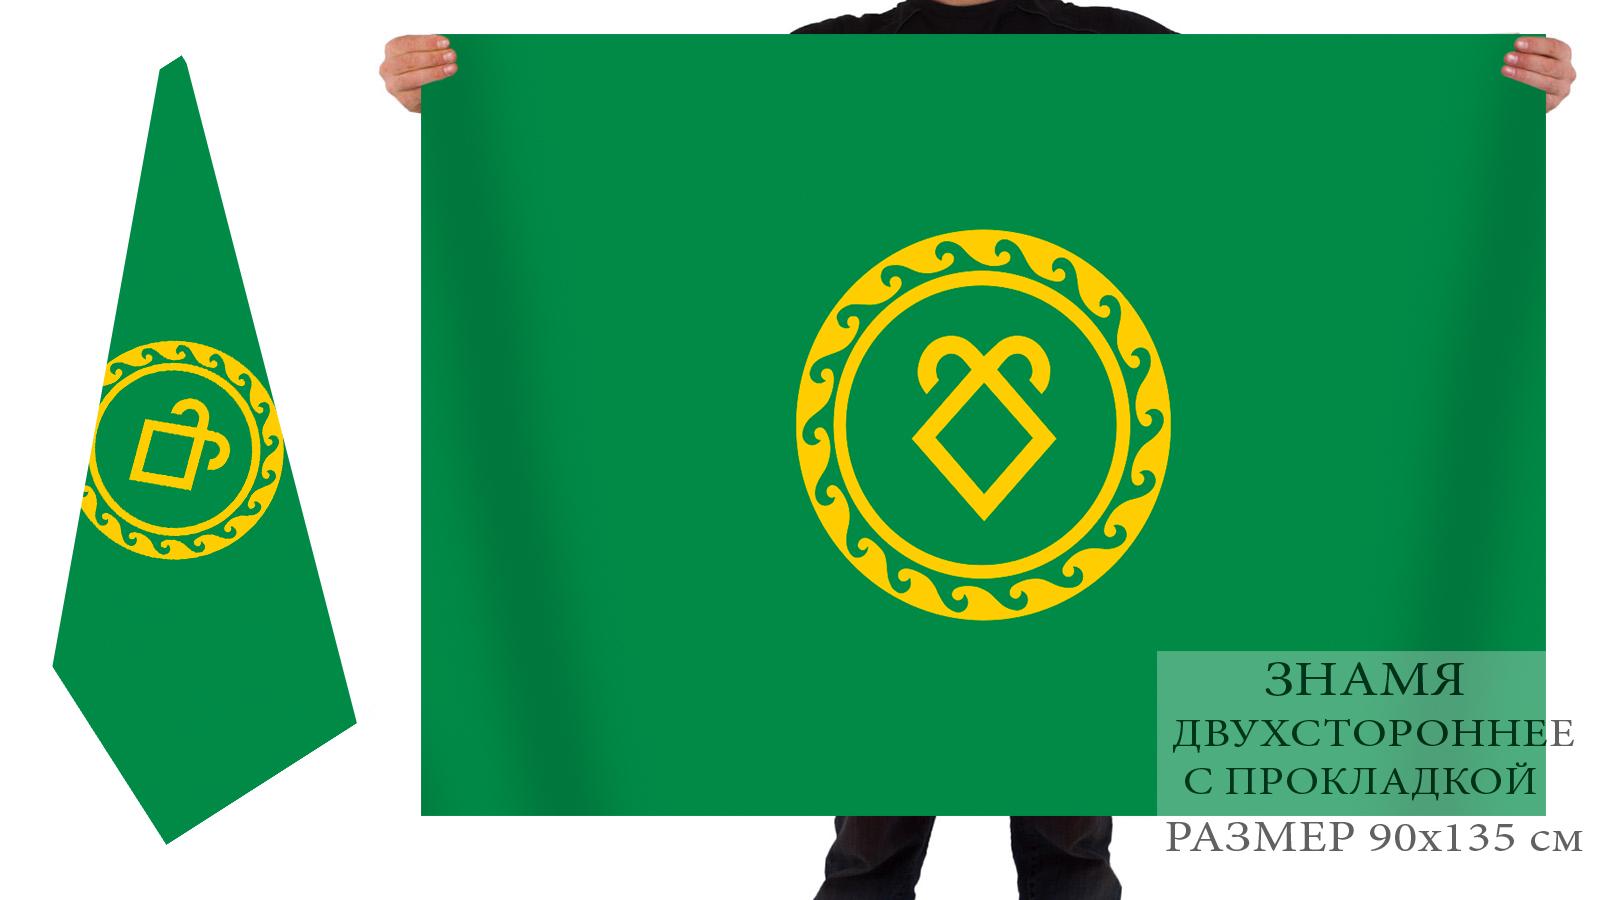 Заказать флаг Аскинского района, Башкортостан